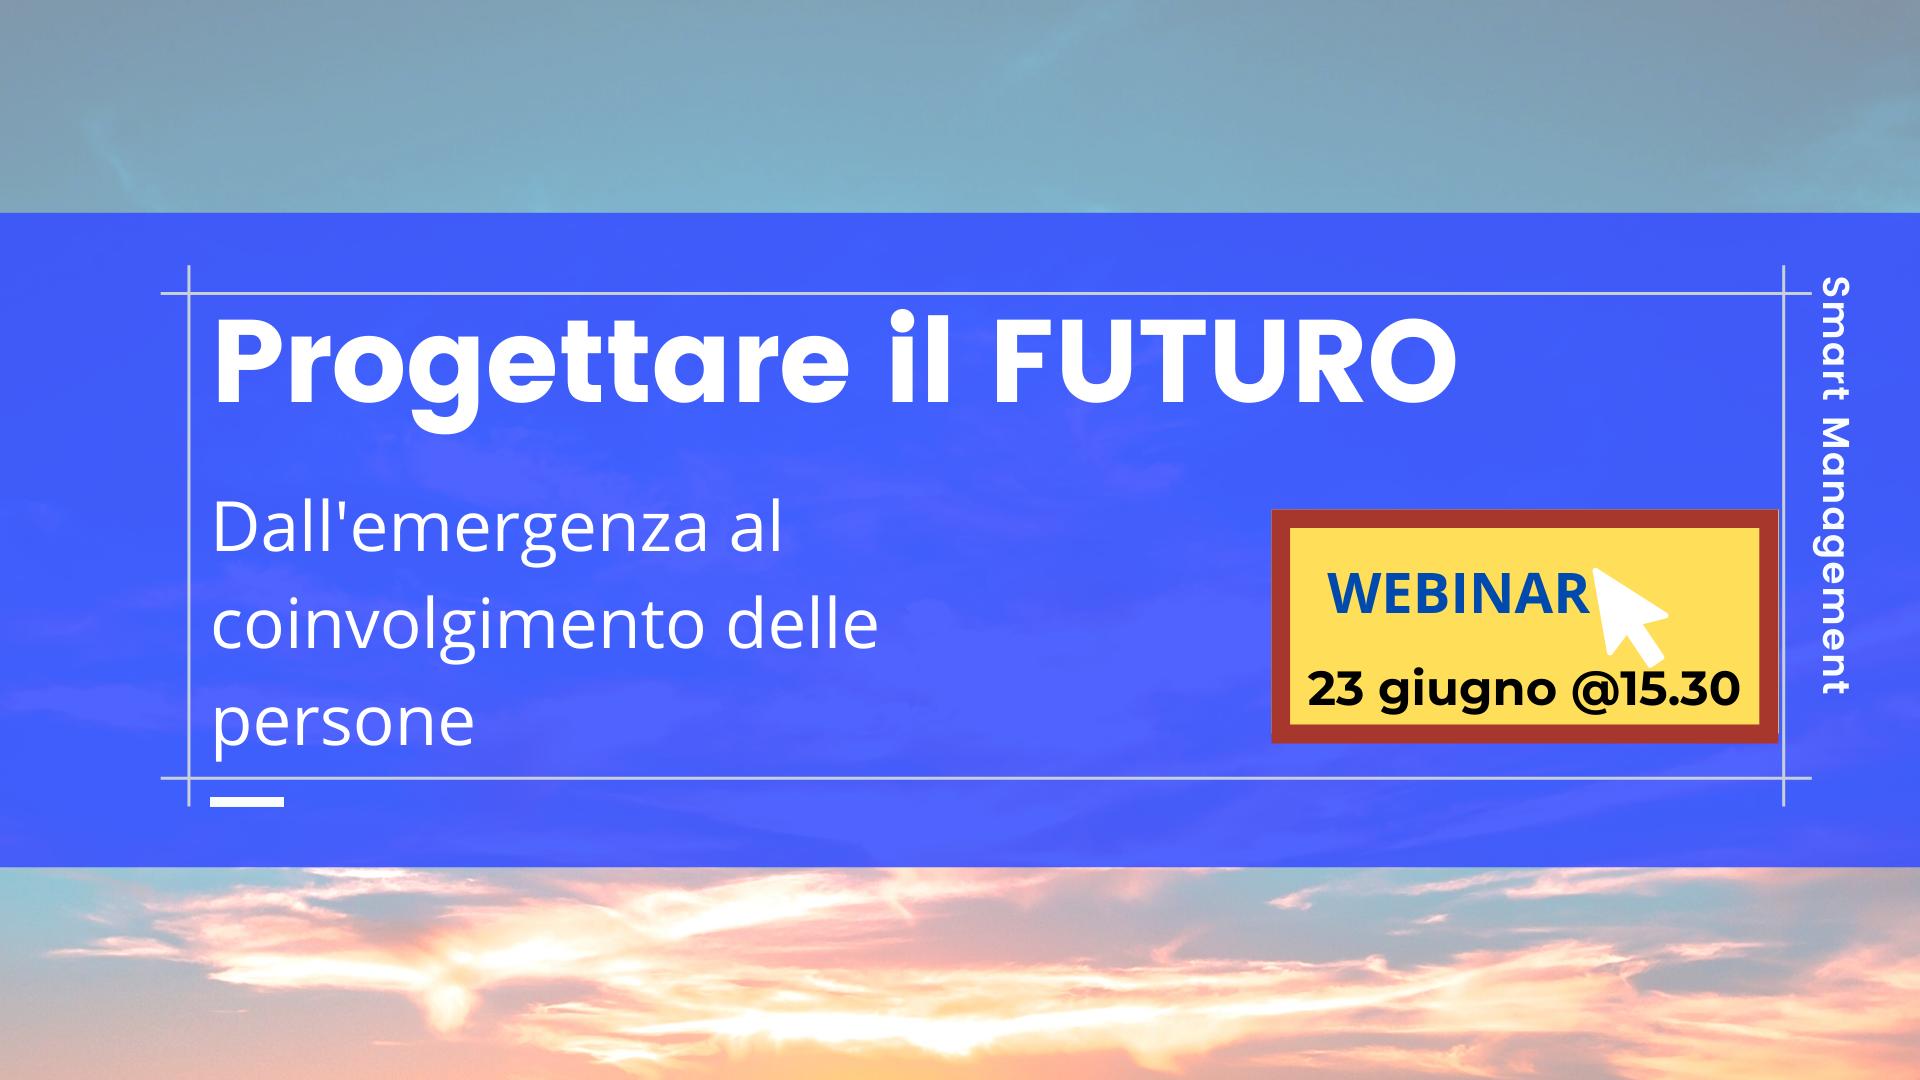 progettare il futuro